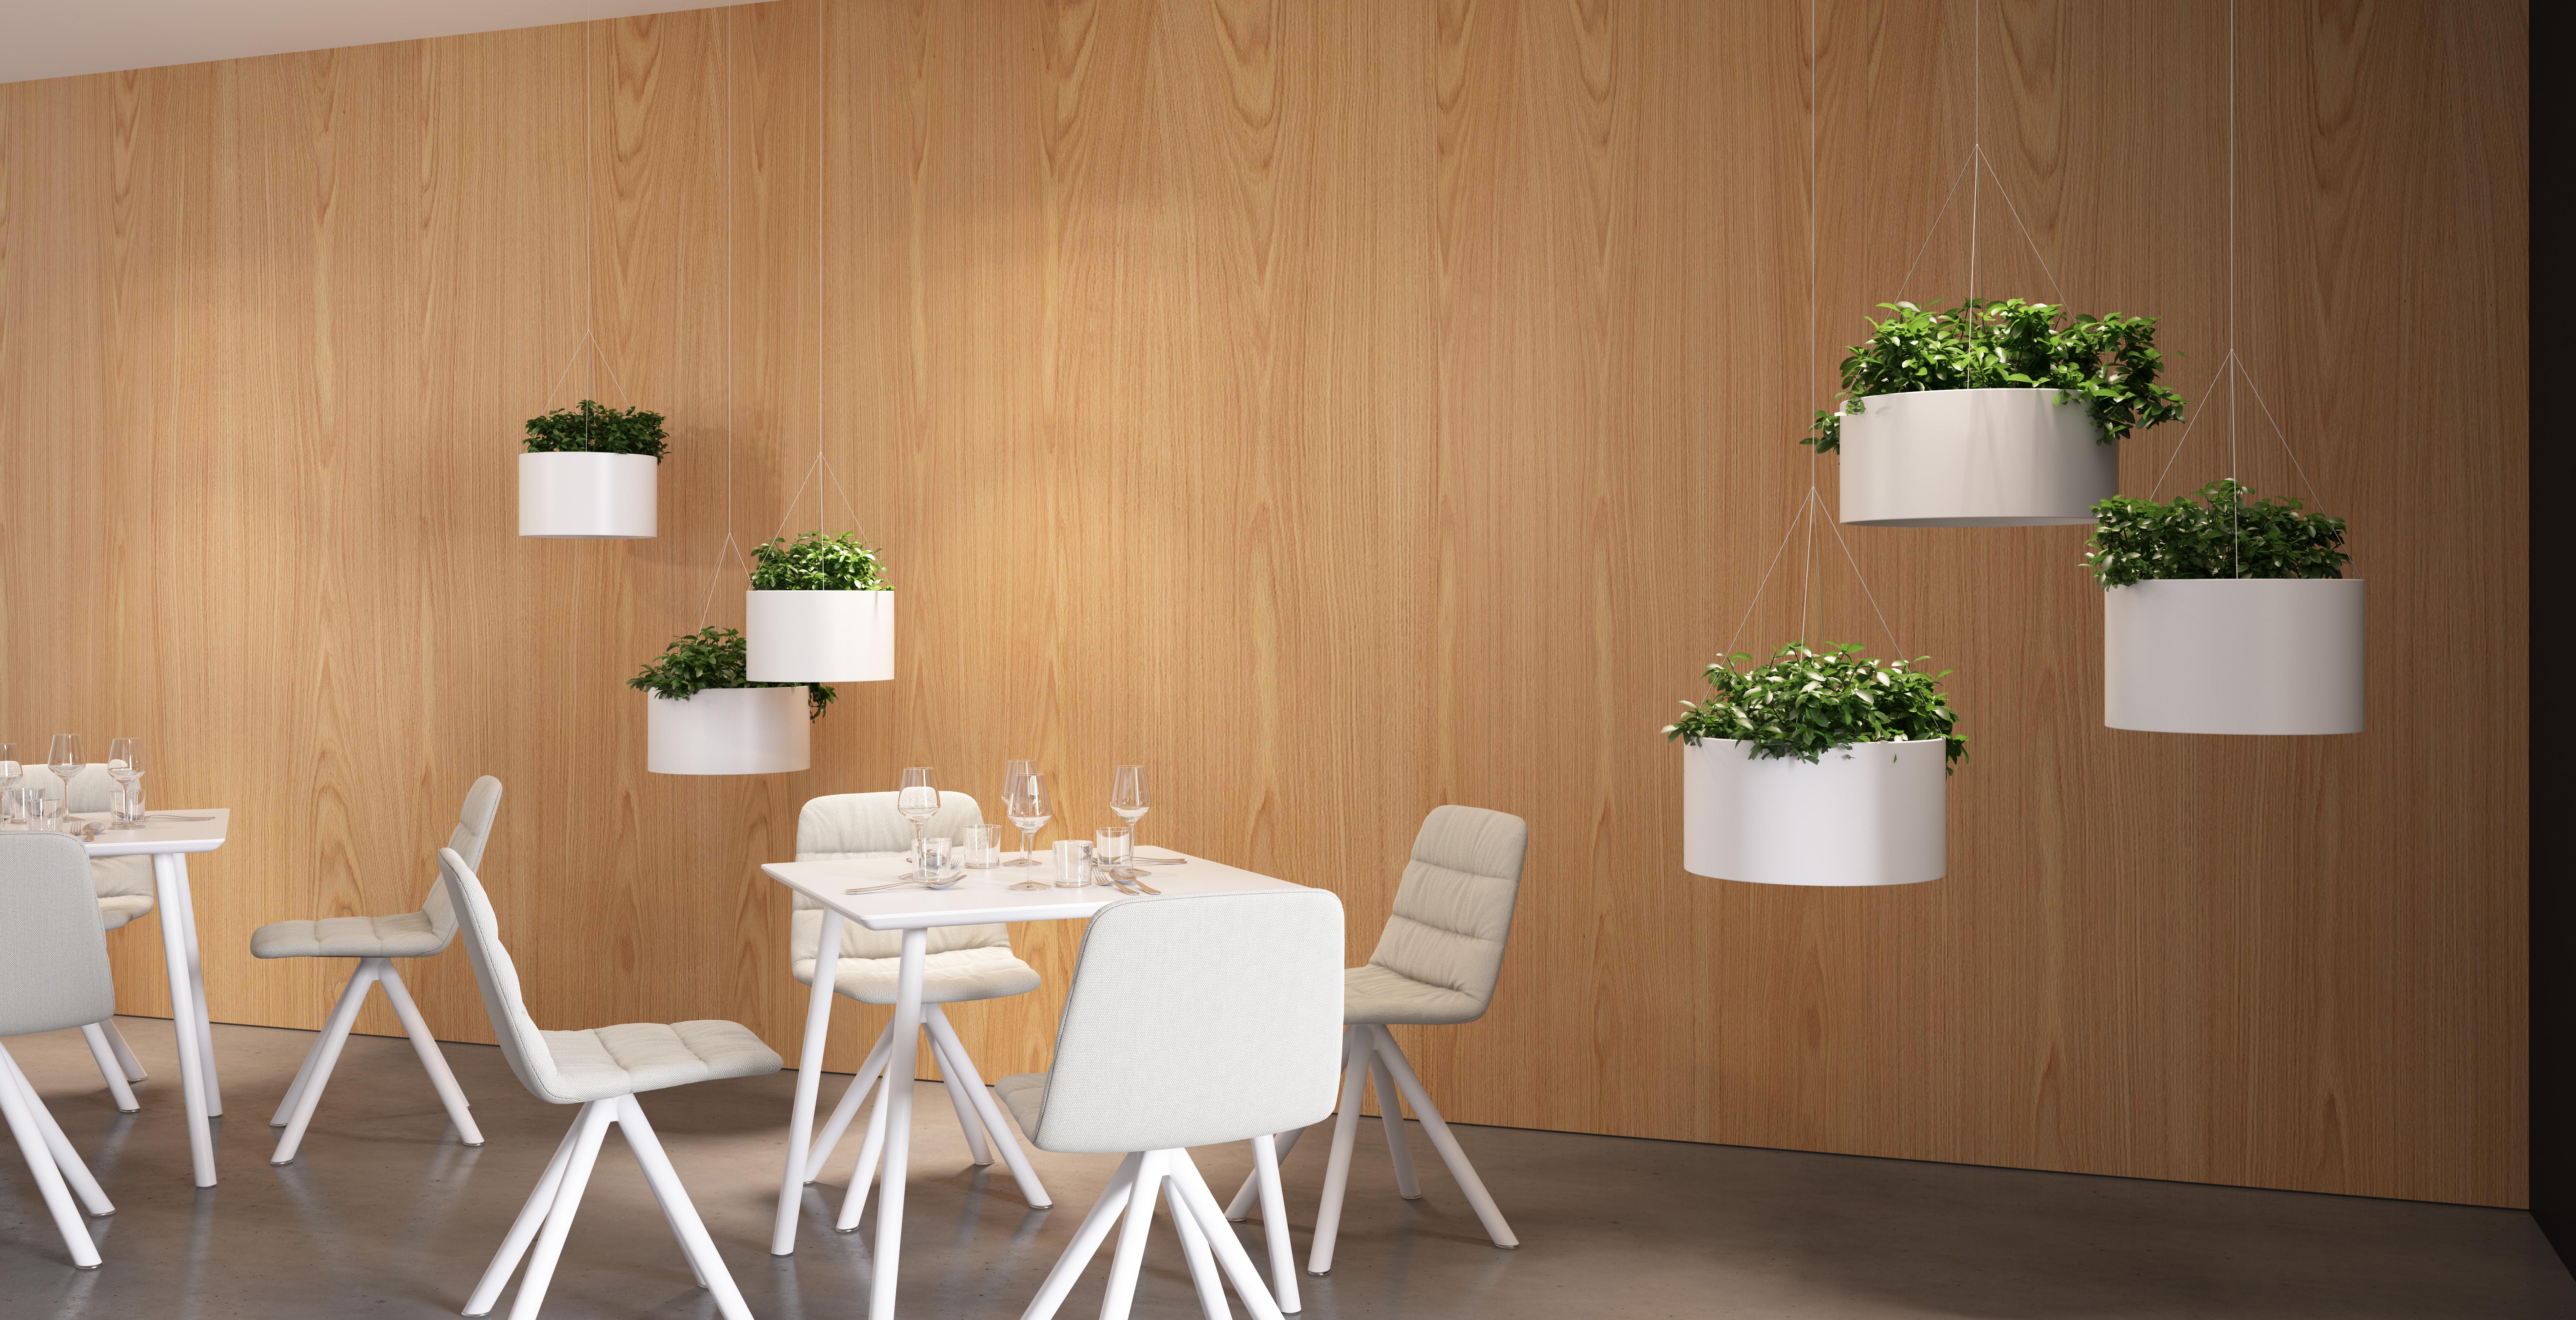 Plantas colgantes para interior consigue entornos m s - Plantas colgantes interior ...